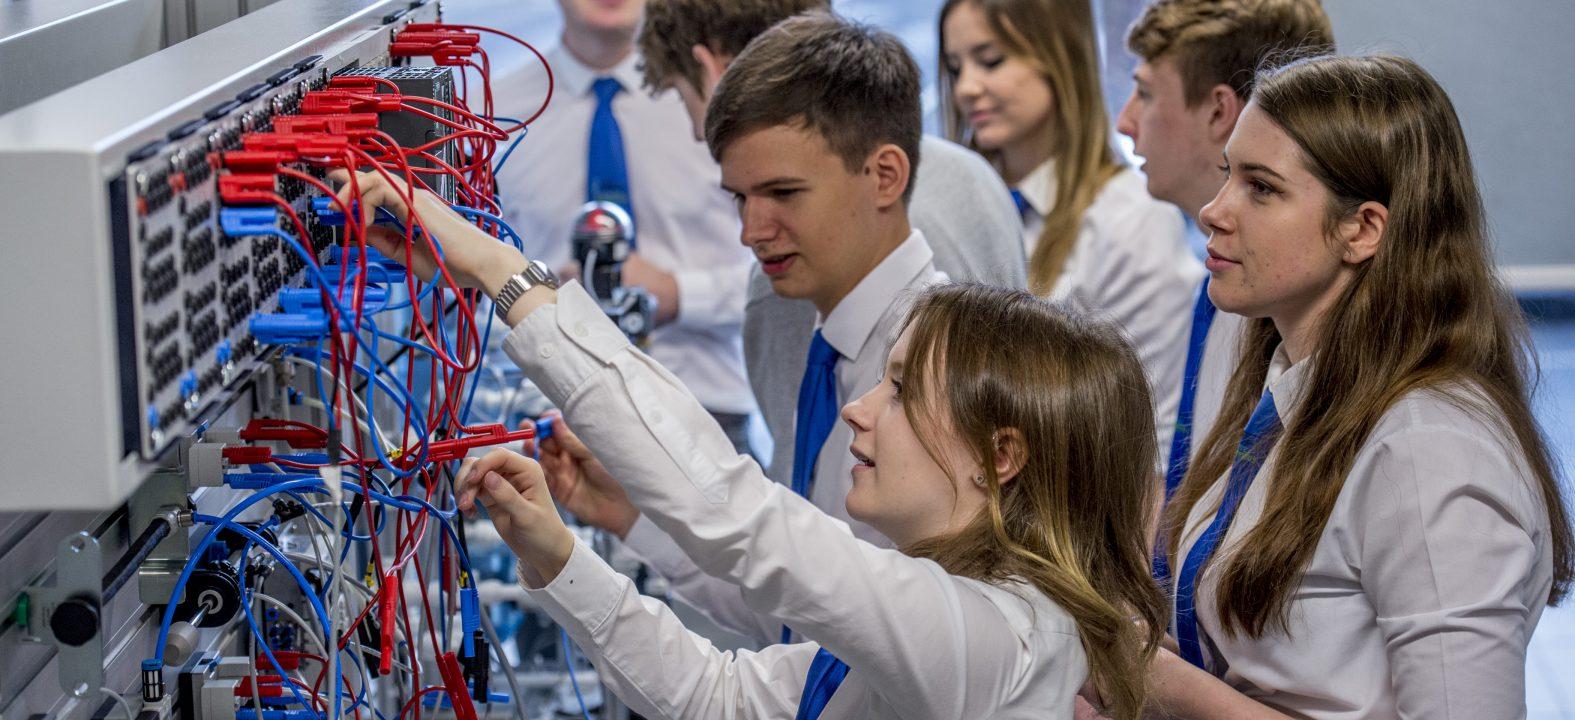 بهترین دانشگاه های مهندسی 2020